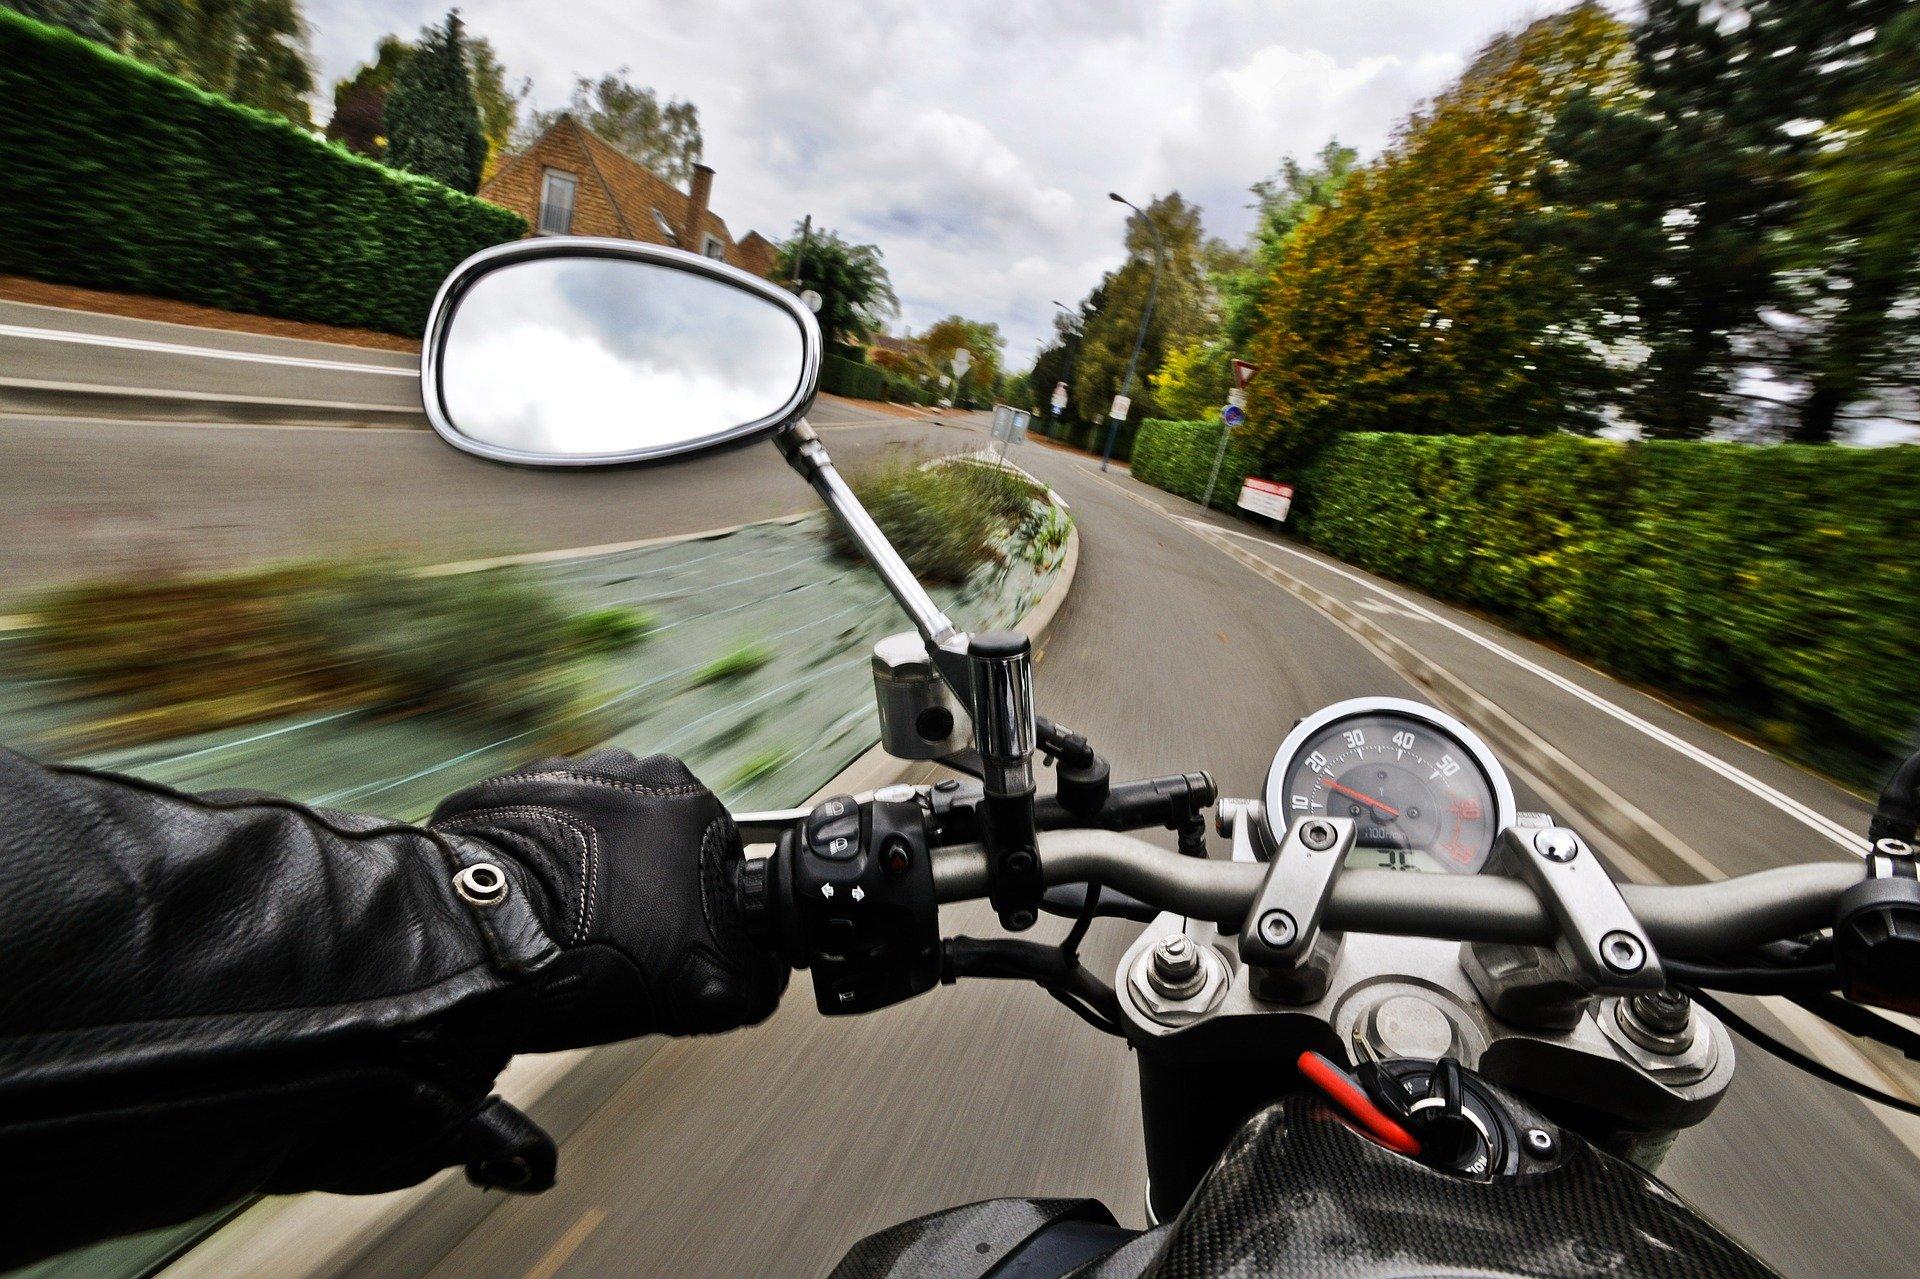 Motocyklista z powiatu kolbuszowskiego stanie przed sądem  - Zdjęcie główne